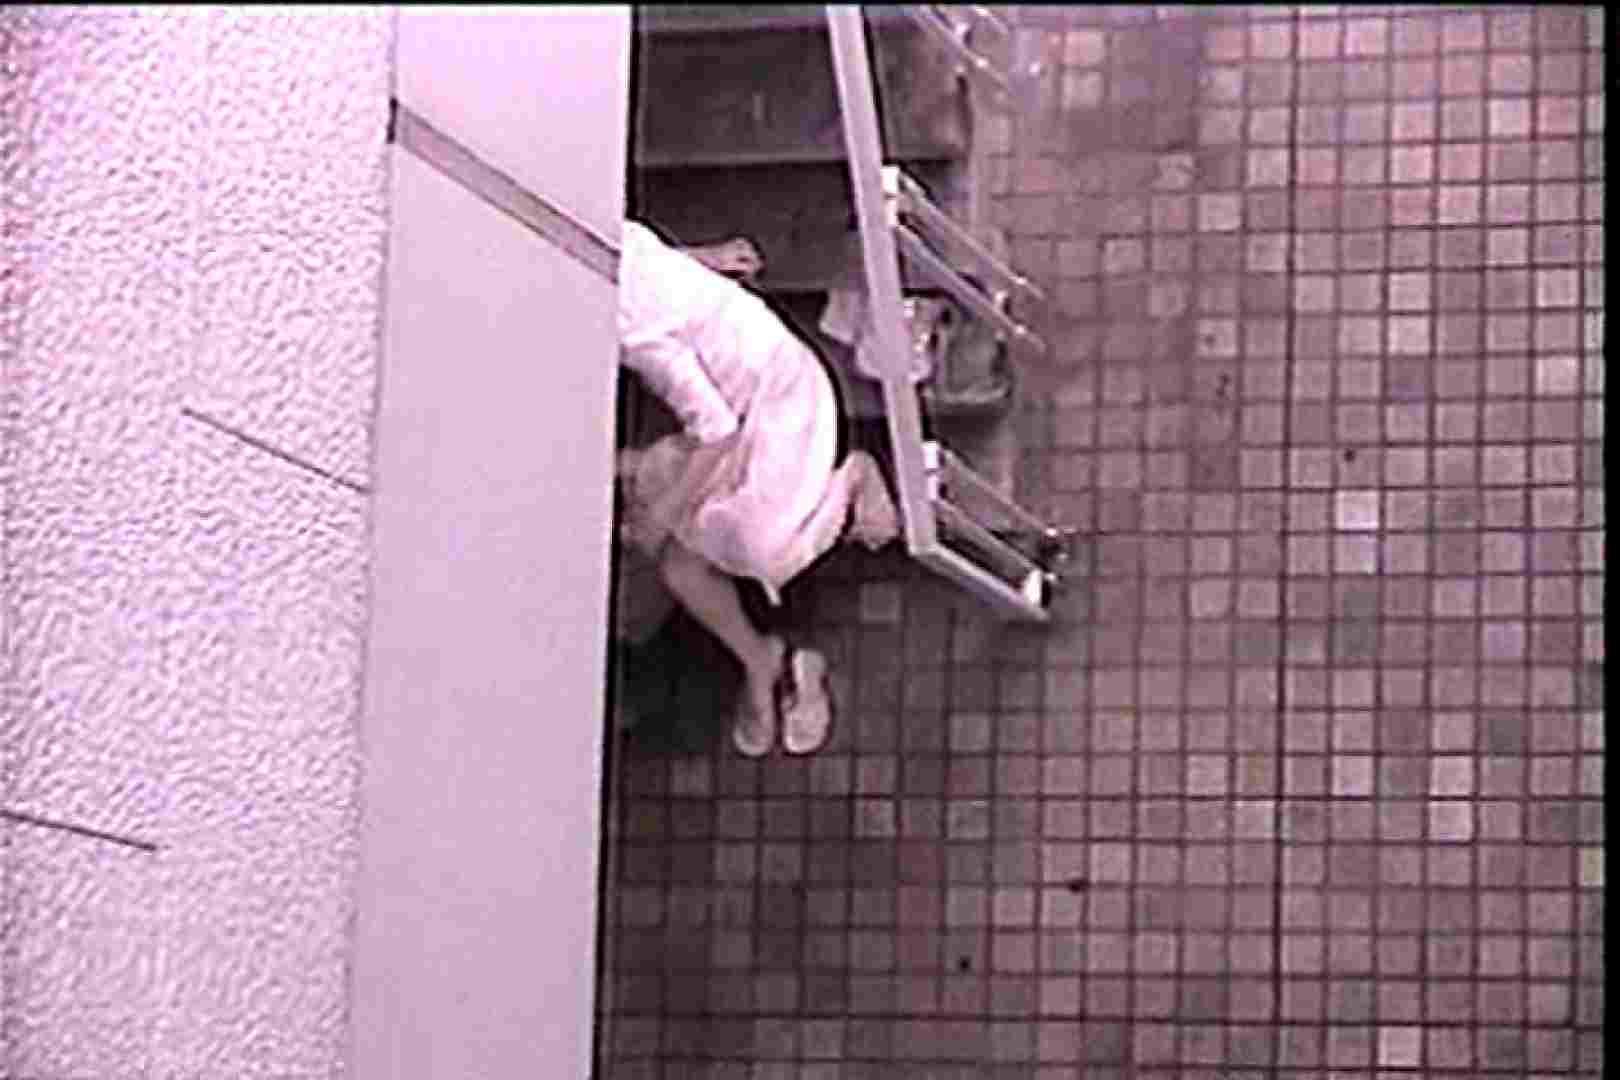 闇の仕掛け人 無修正版 Vol.18 盗撮特集 のぞき動画キャプチャ 60画像 24